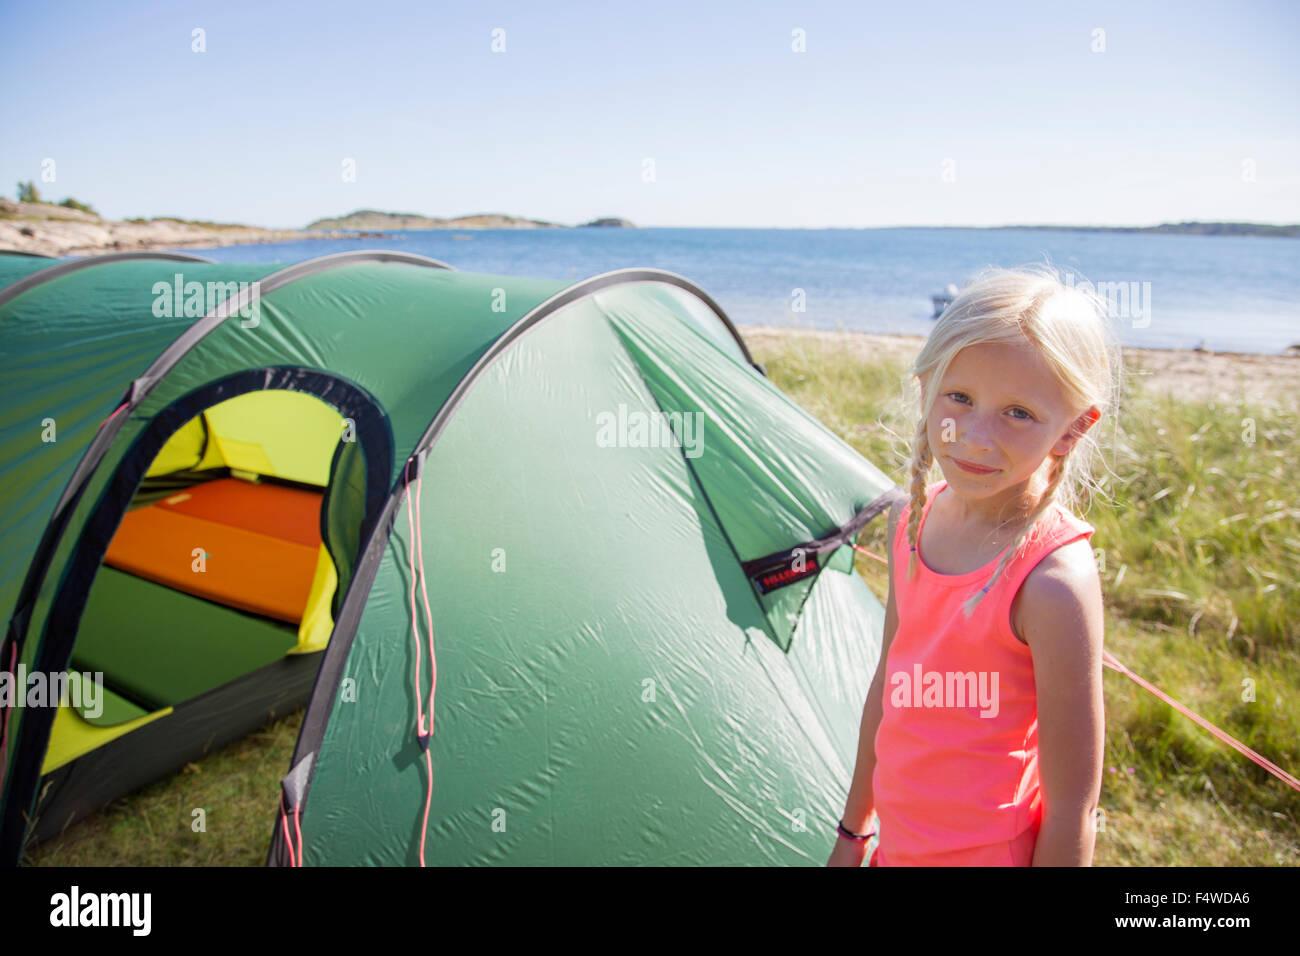 La Svezia, Svedese West Coast, Halland, Kungsbackafjorden, ragazza (10-11) in piedi nella parte anteriore della Immagini Stock